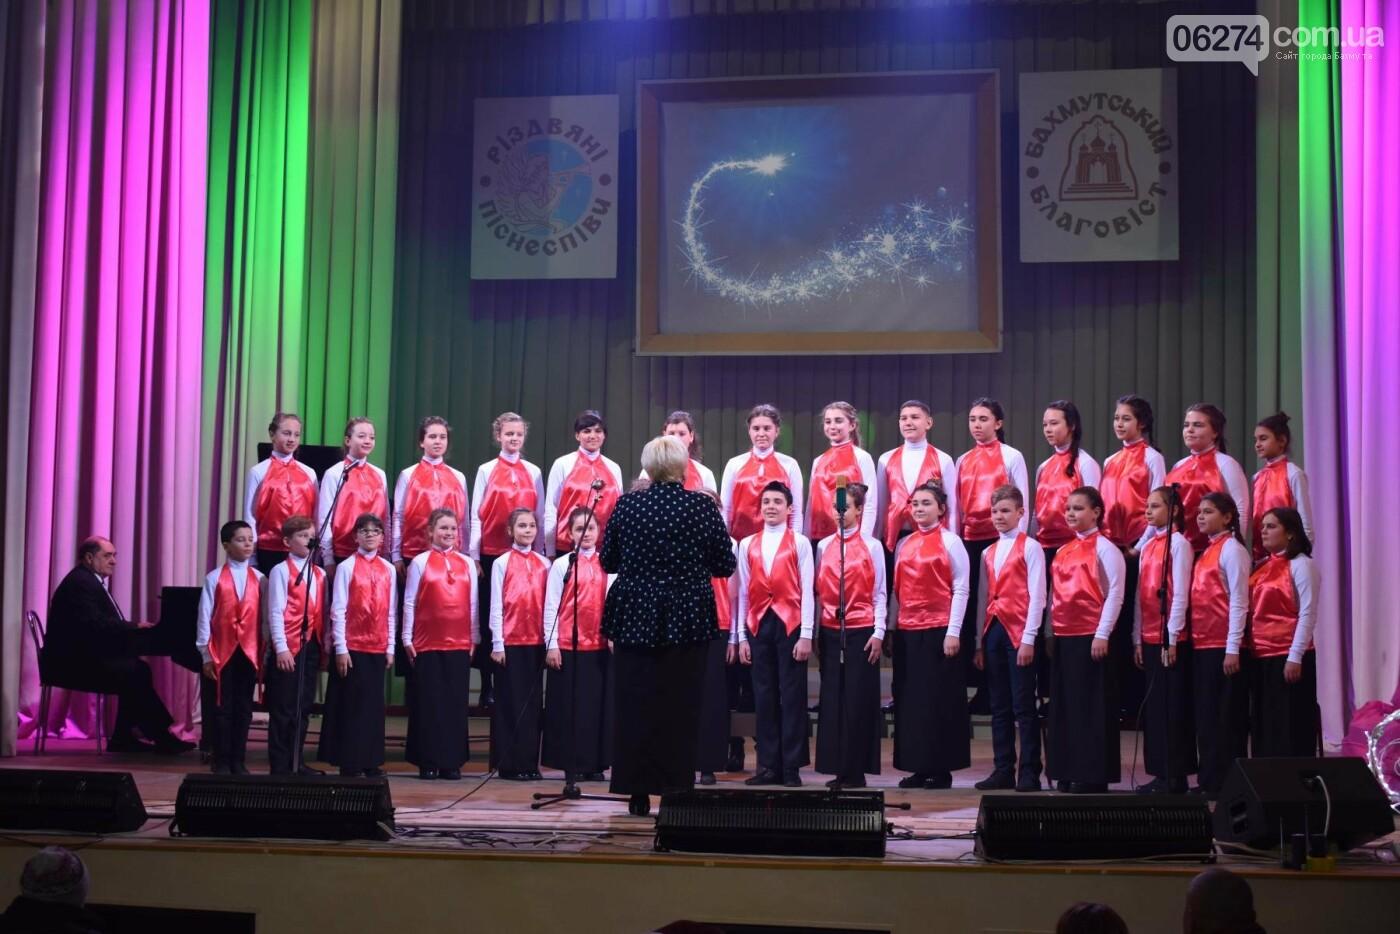 В Бахмуте прошел региональный фестиваль «Рождественские песнопения», фото-8